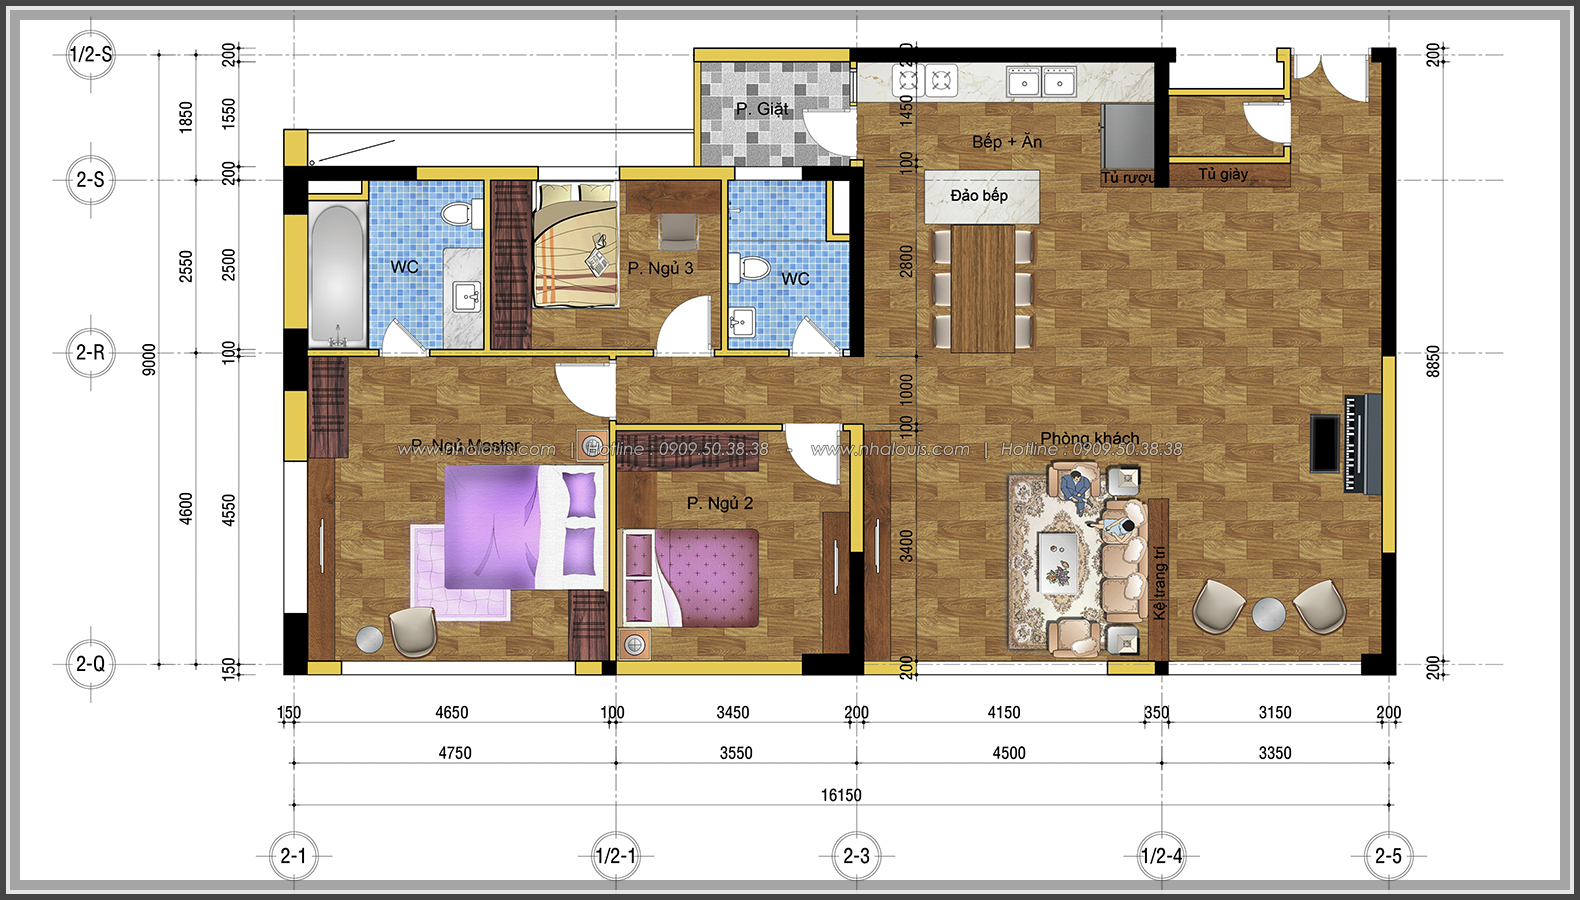 Thiết kế căn hộ chung cư 3 phòng ngủ Happy Valley quận 7 - 2